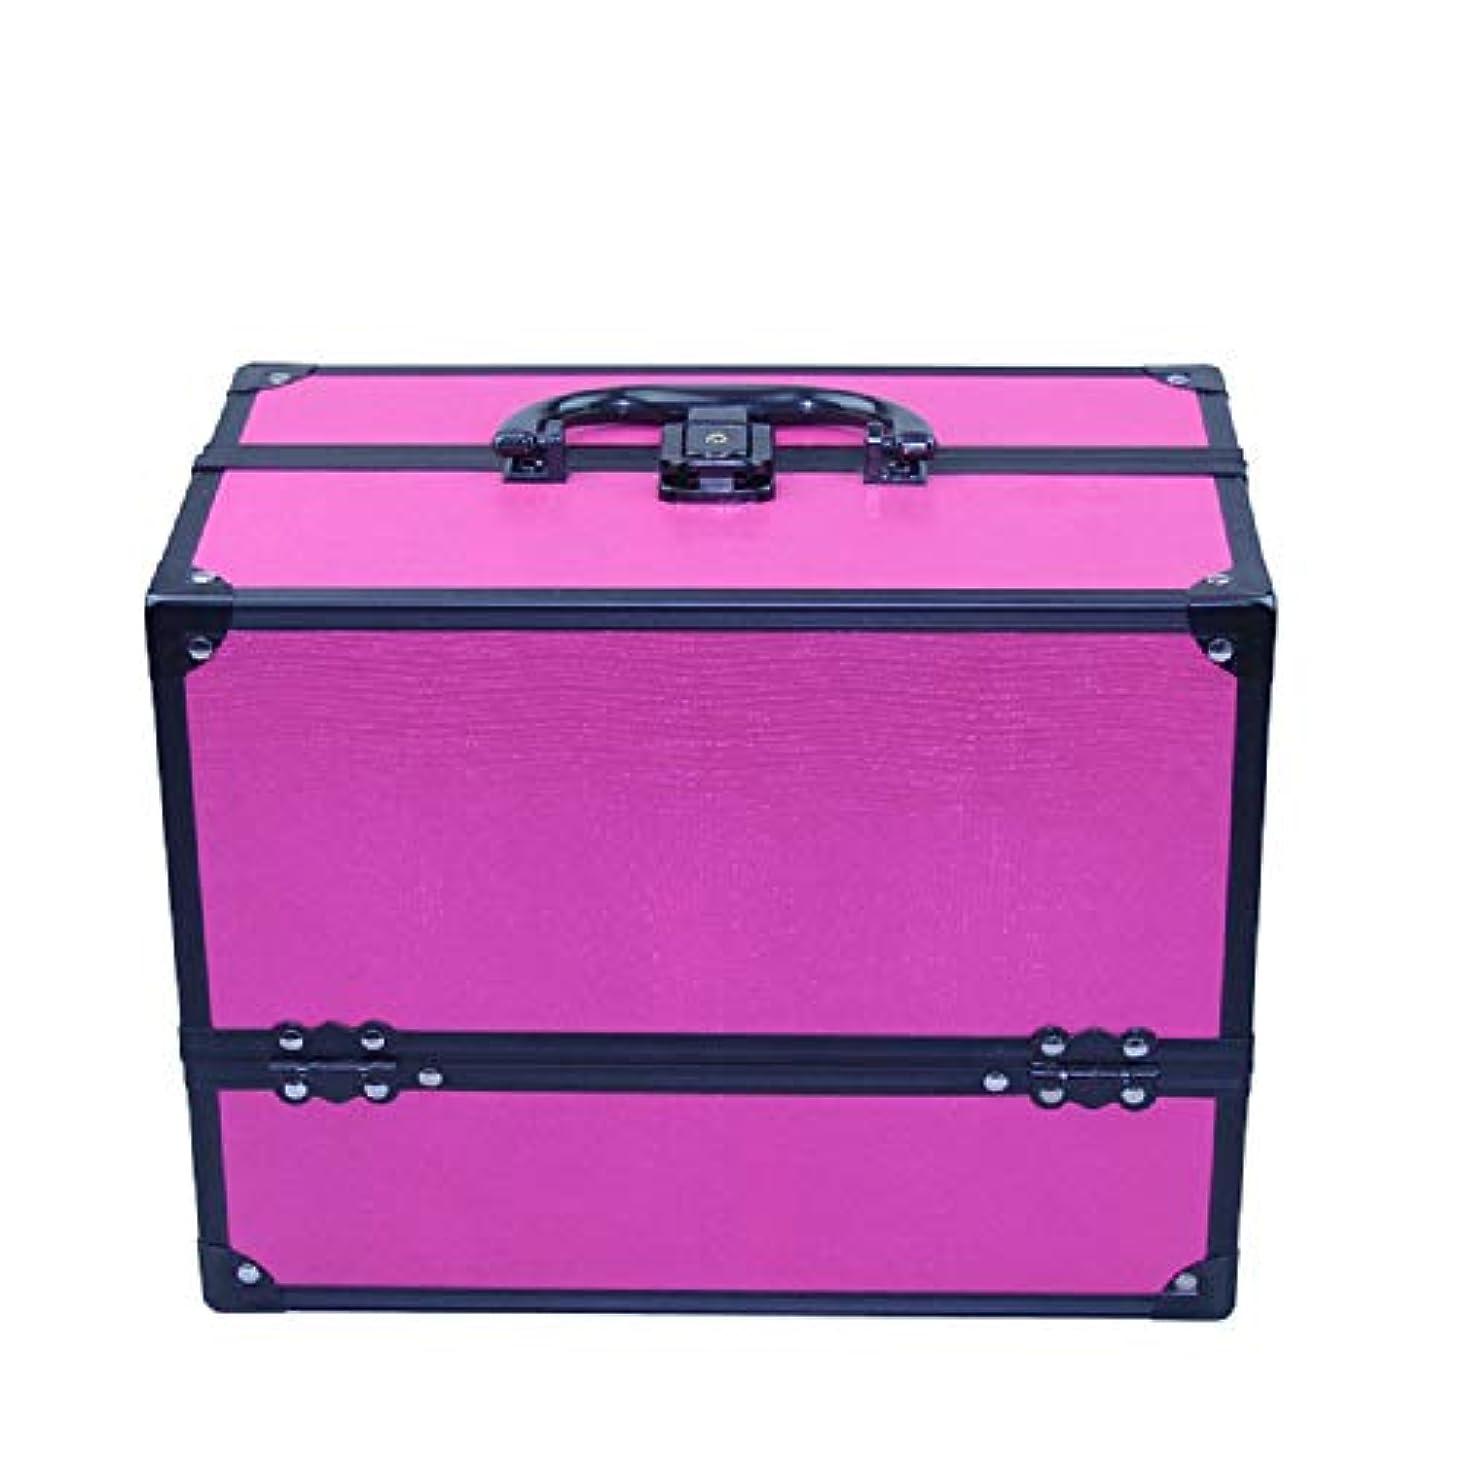 ランチ除外する原子化粧オーガナイザーバッグ 純粋な色のポータブル化粧品ケーストラベルアクセサリーシャンプーボディウォッシュパーソナルアイテムストレージロックとスライディングトレイ 化粧品ケース